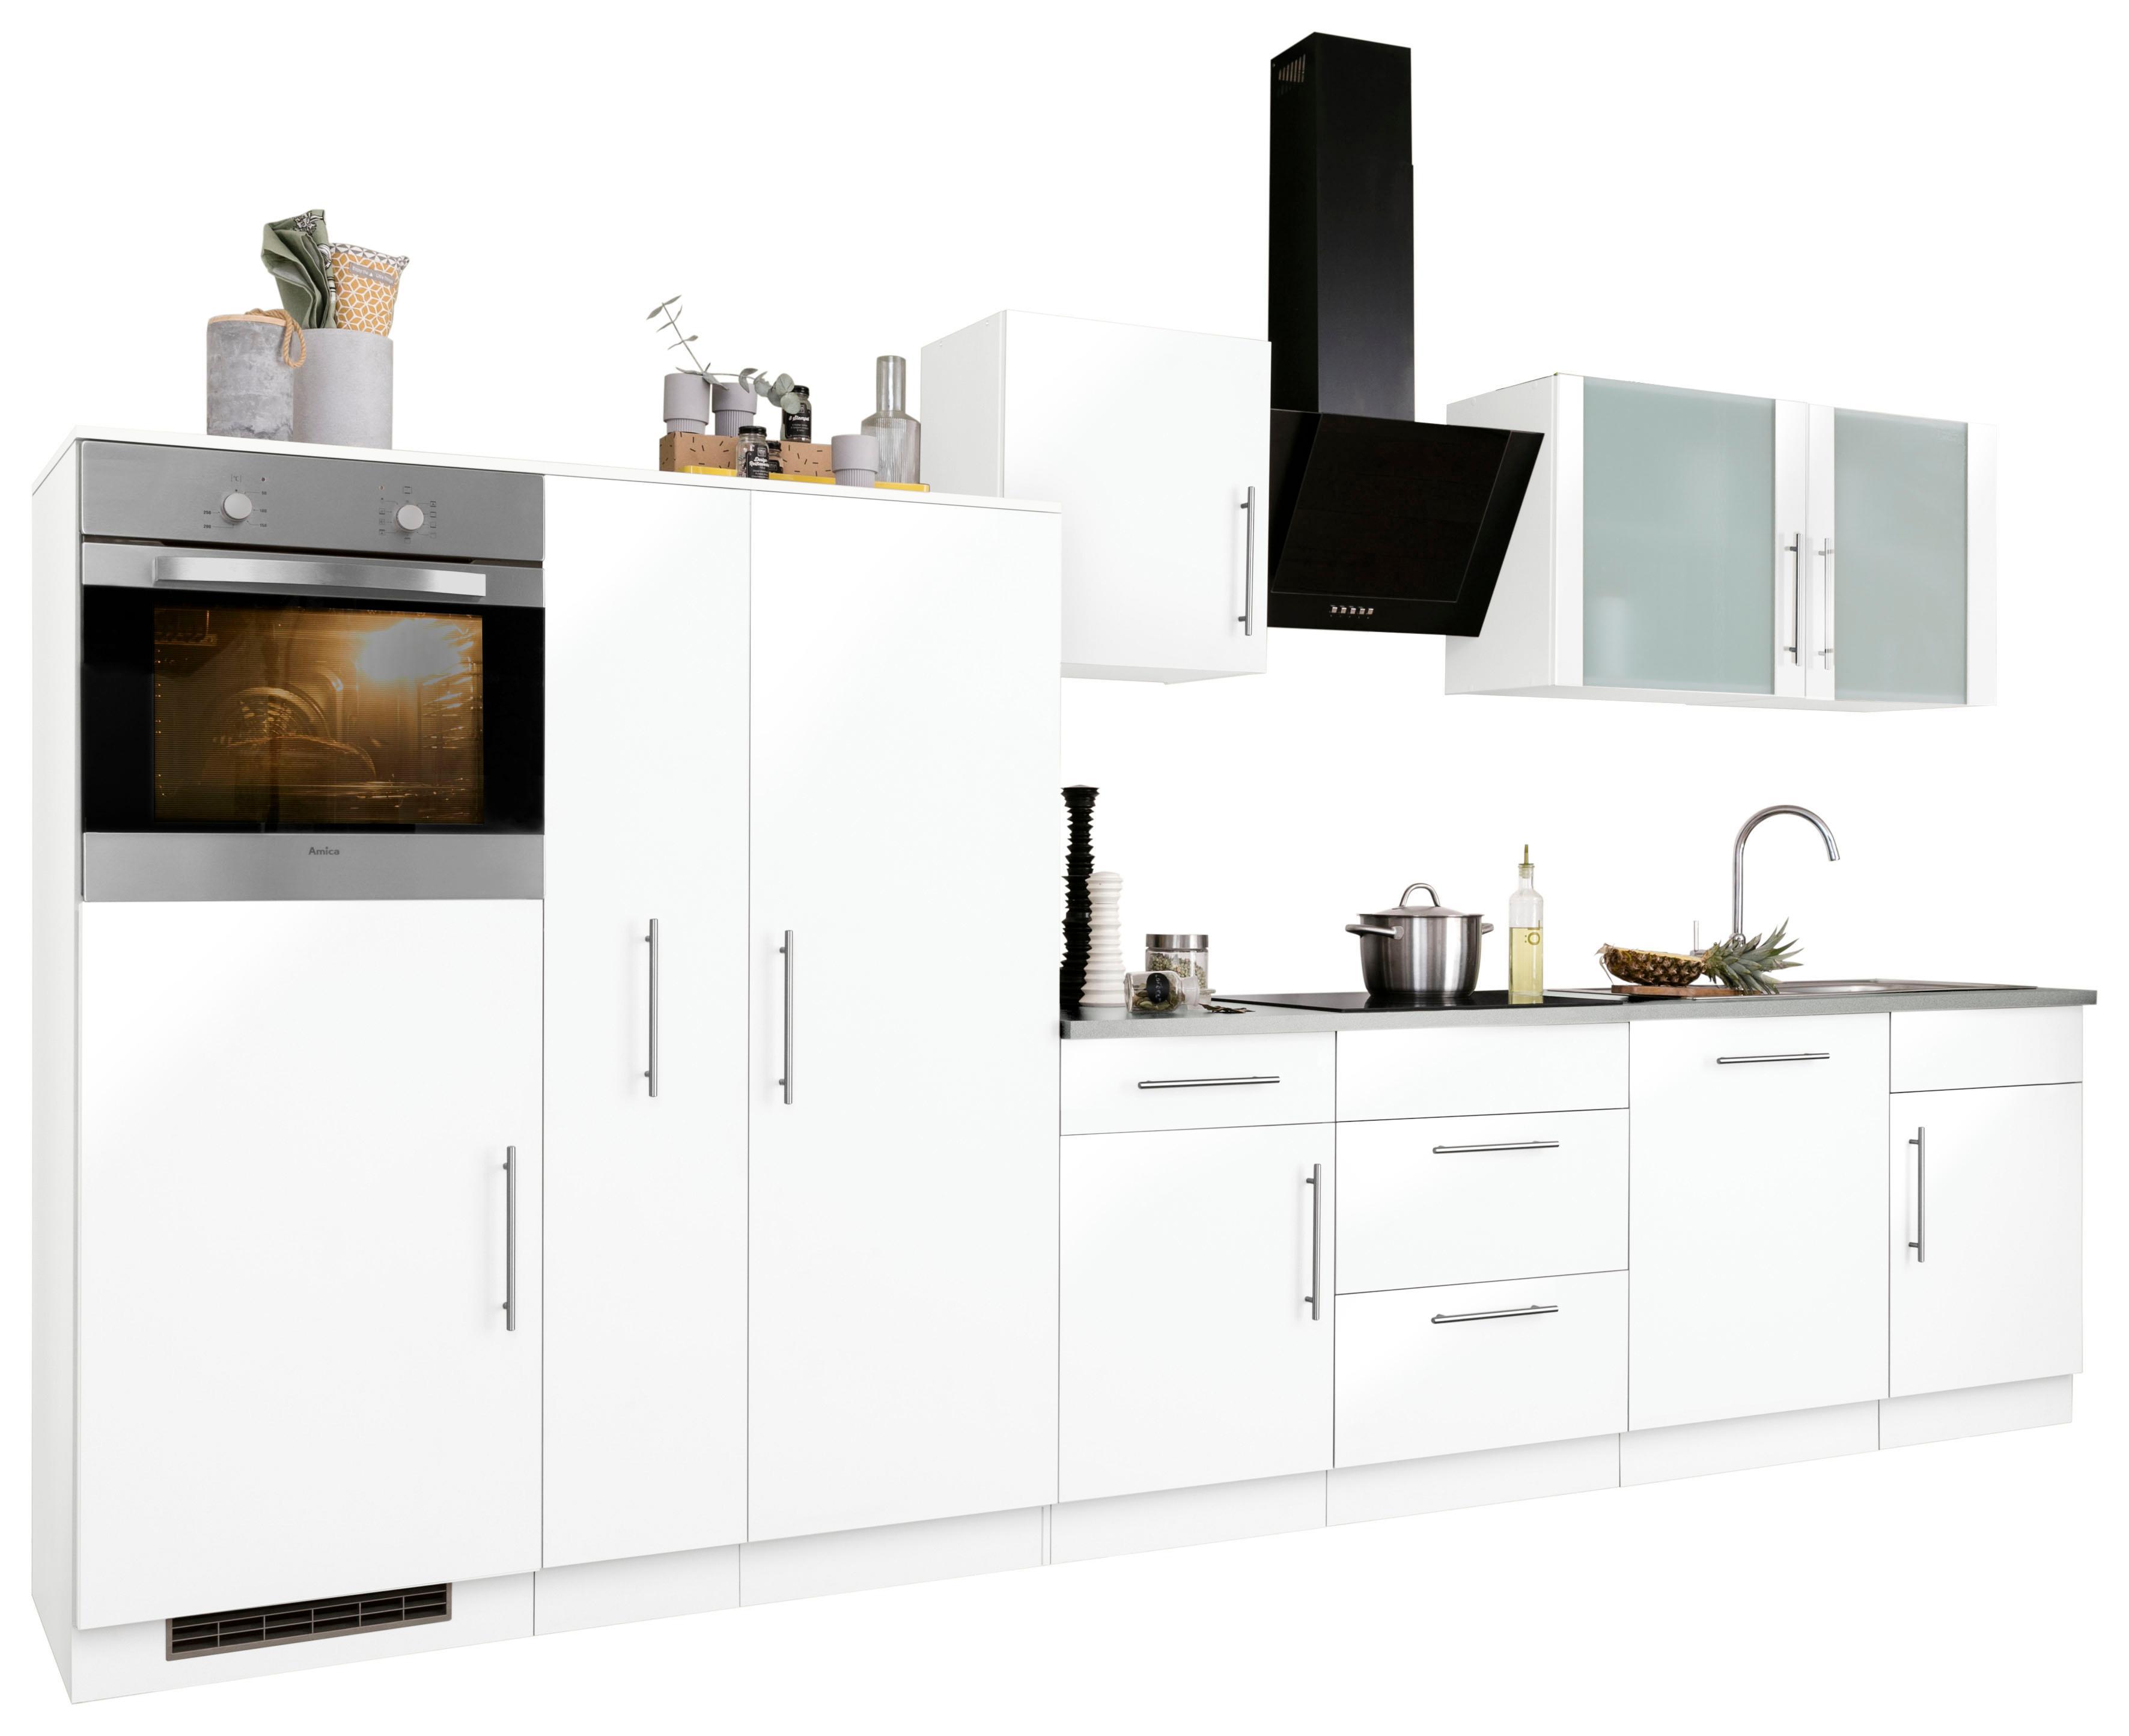 wiho Küchen Küchenzeile »Cali« auf Raten bestellen | Quelle.de